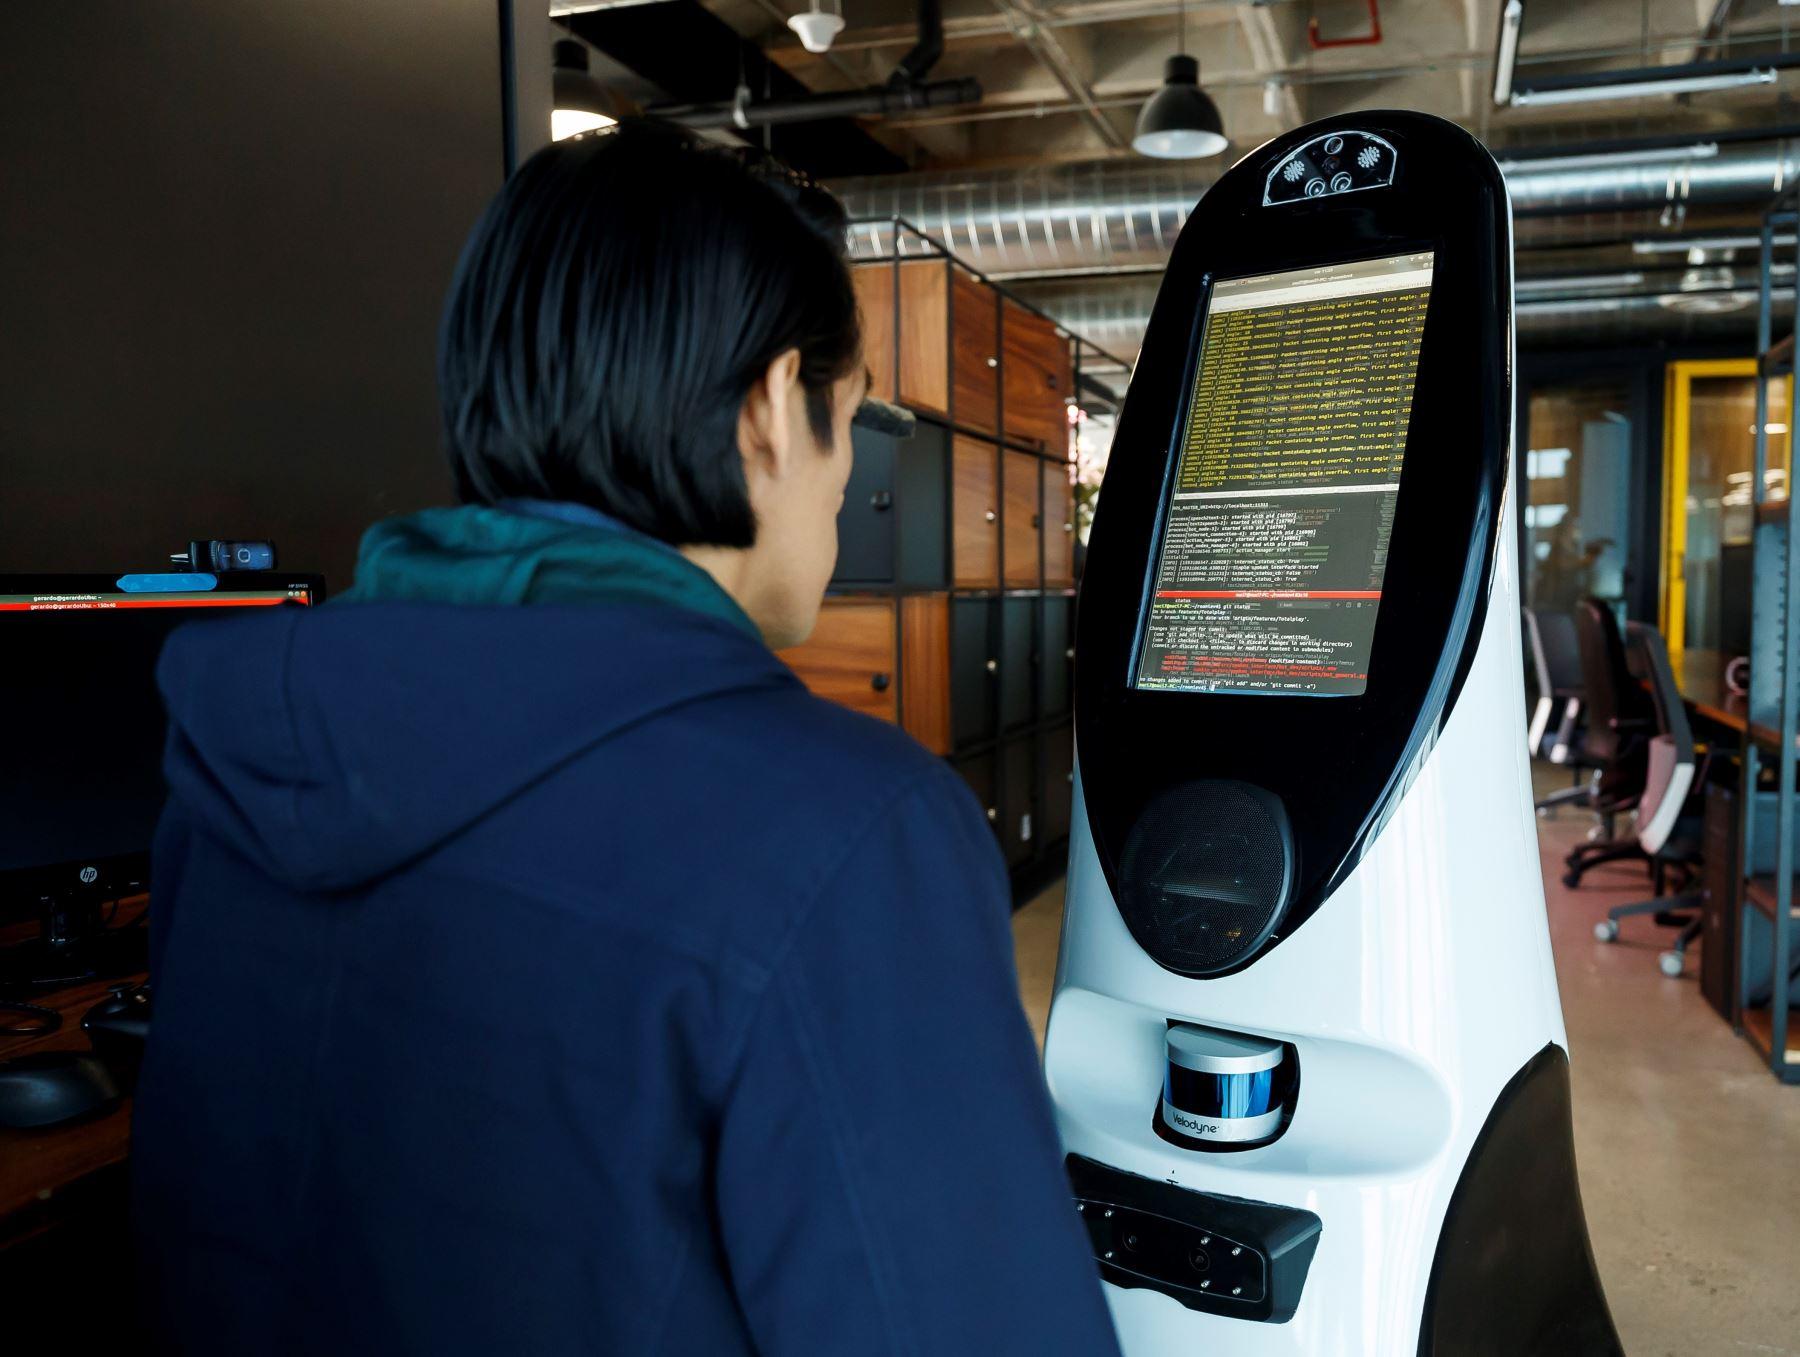 Fotografía con fecha del 26 de junio, de un integrante de la empresa CEO de Roomie, programando uno de los robots de asistencia para la detección de Covid-19 en Ciudad de México (México). Foto: EFE